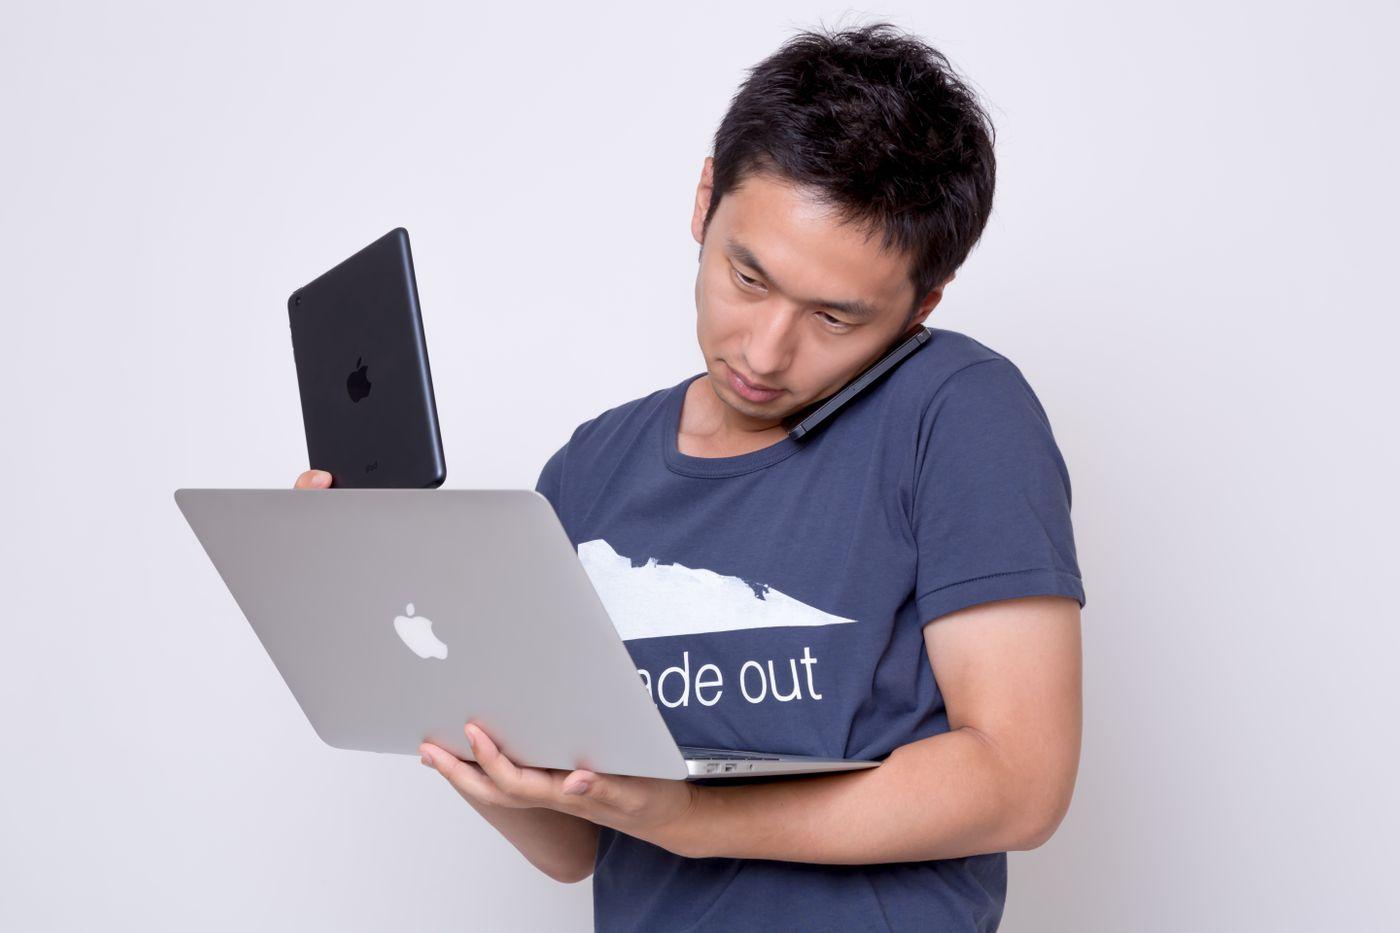 iPhoneとスマホとMBAを使う男性の写真